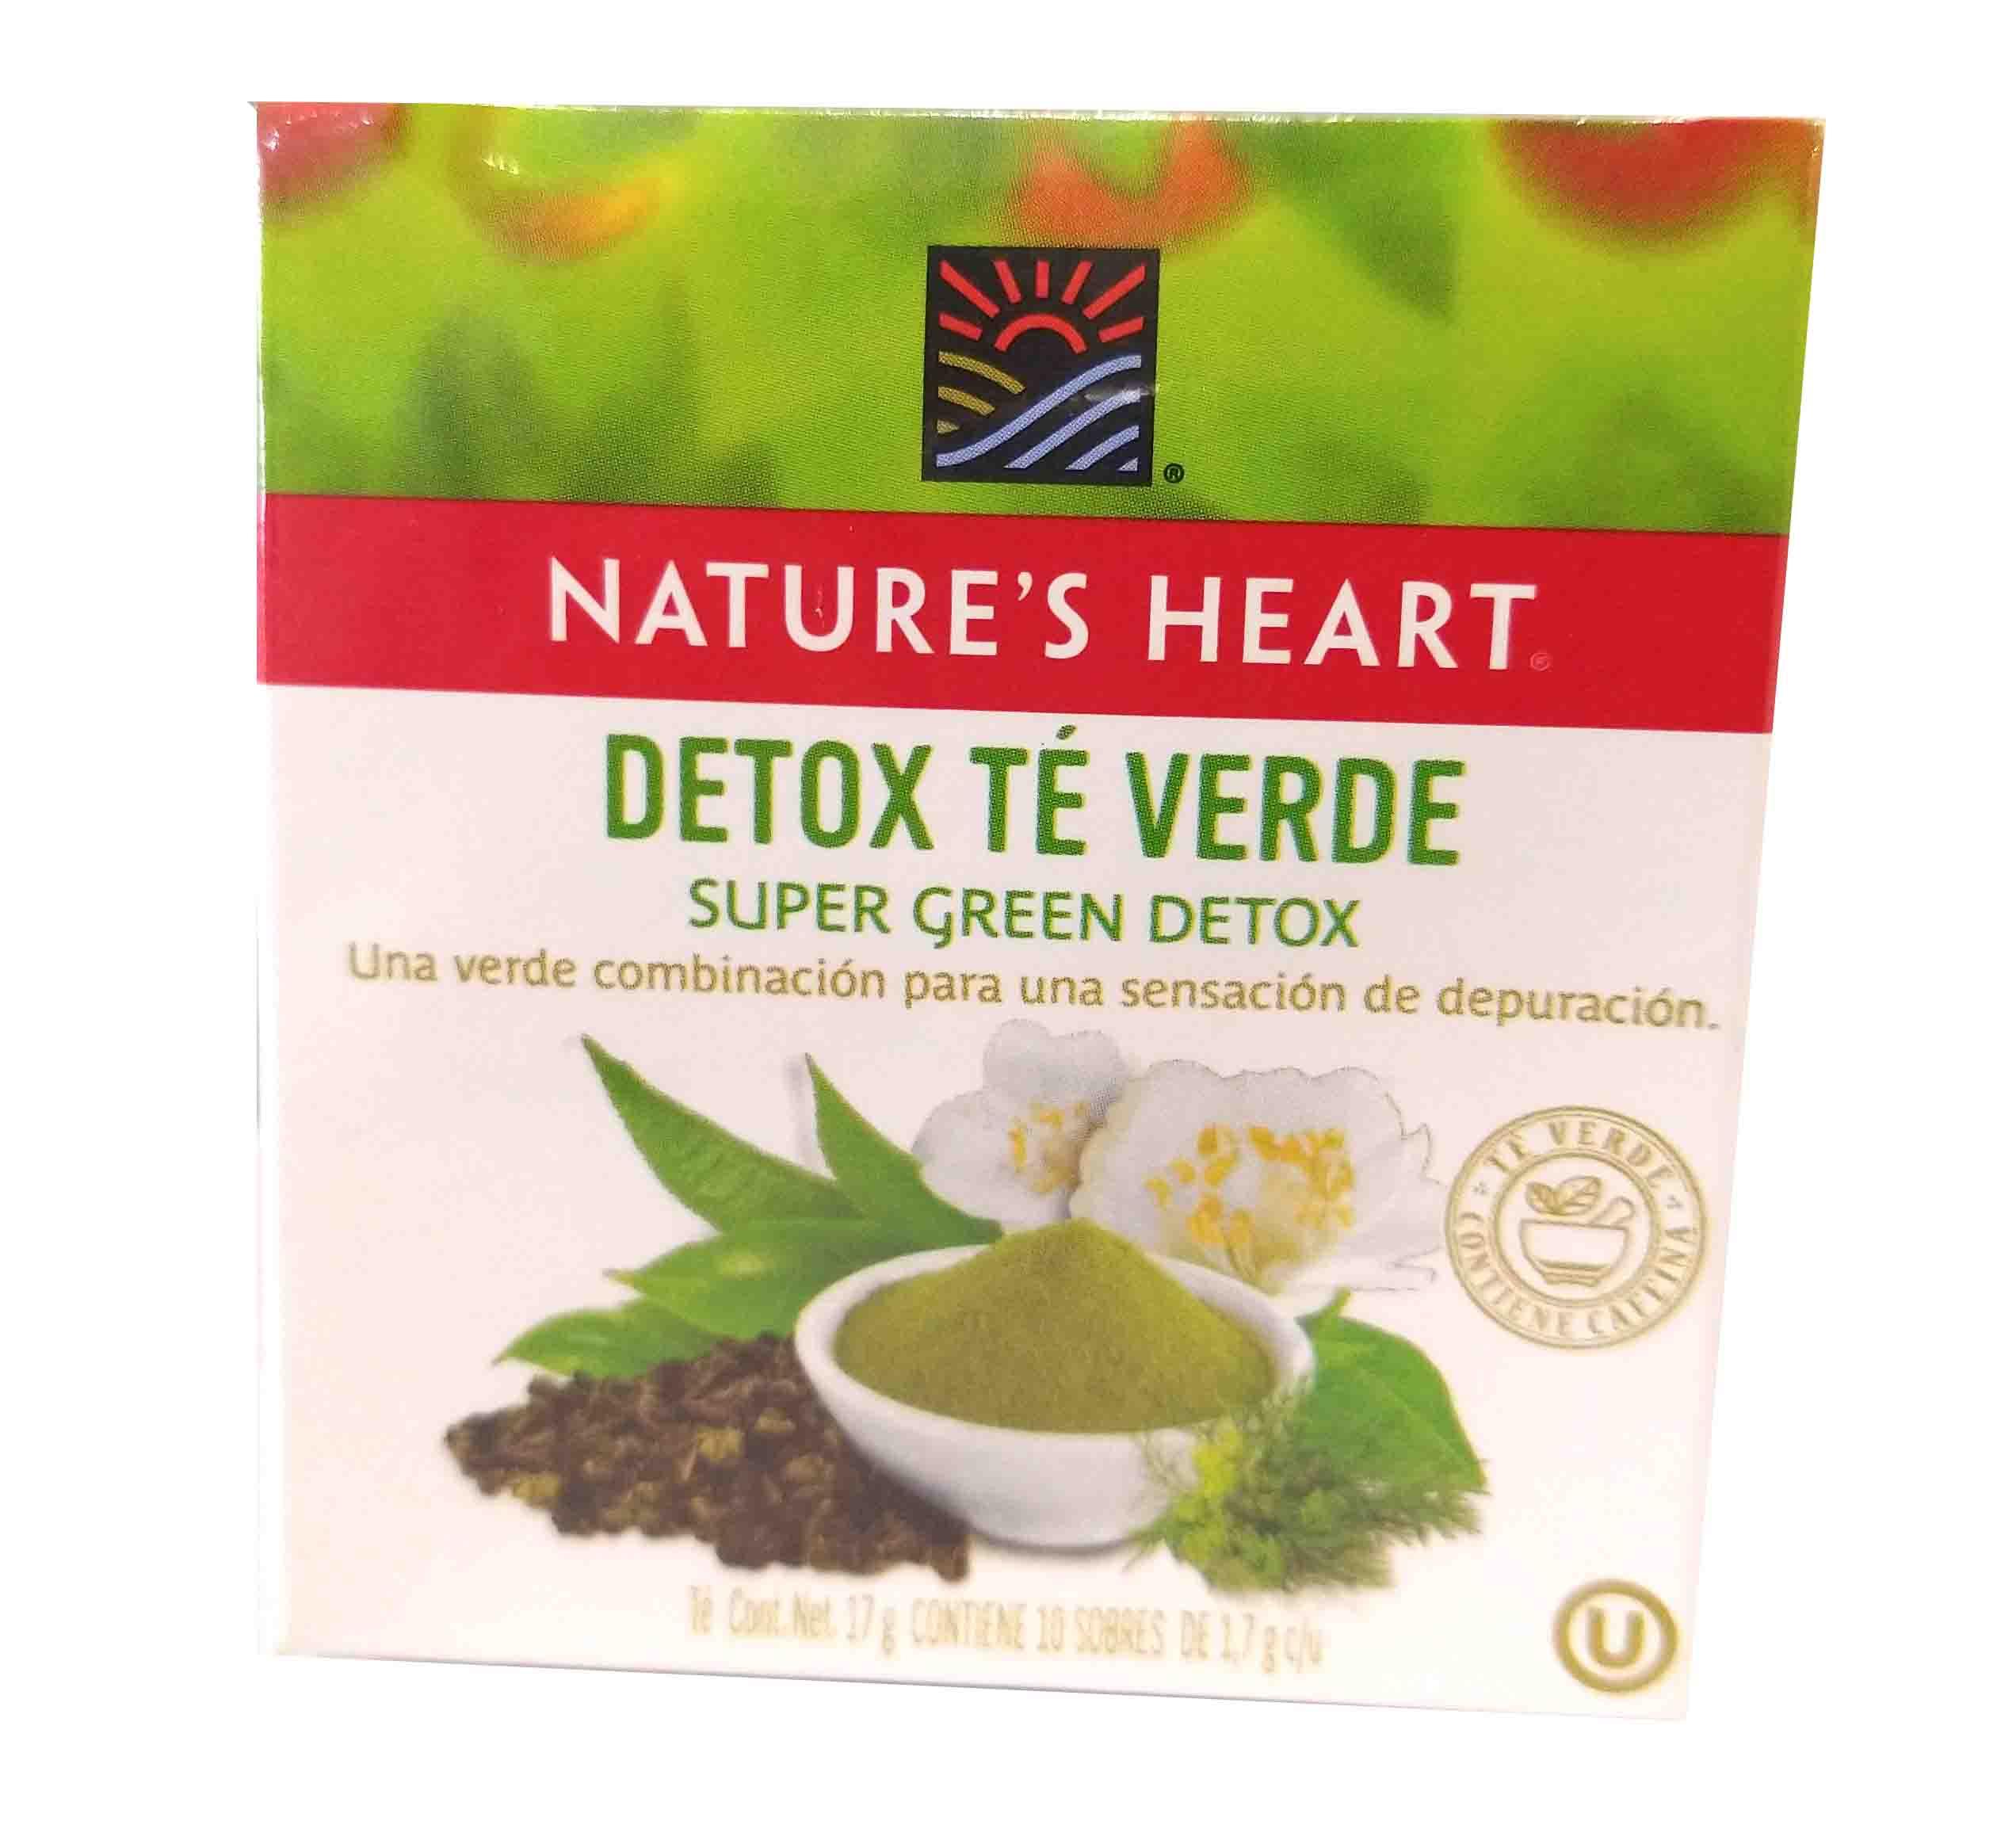 Detox té verde